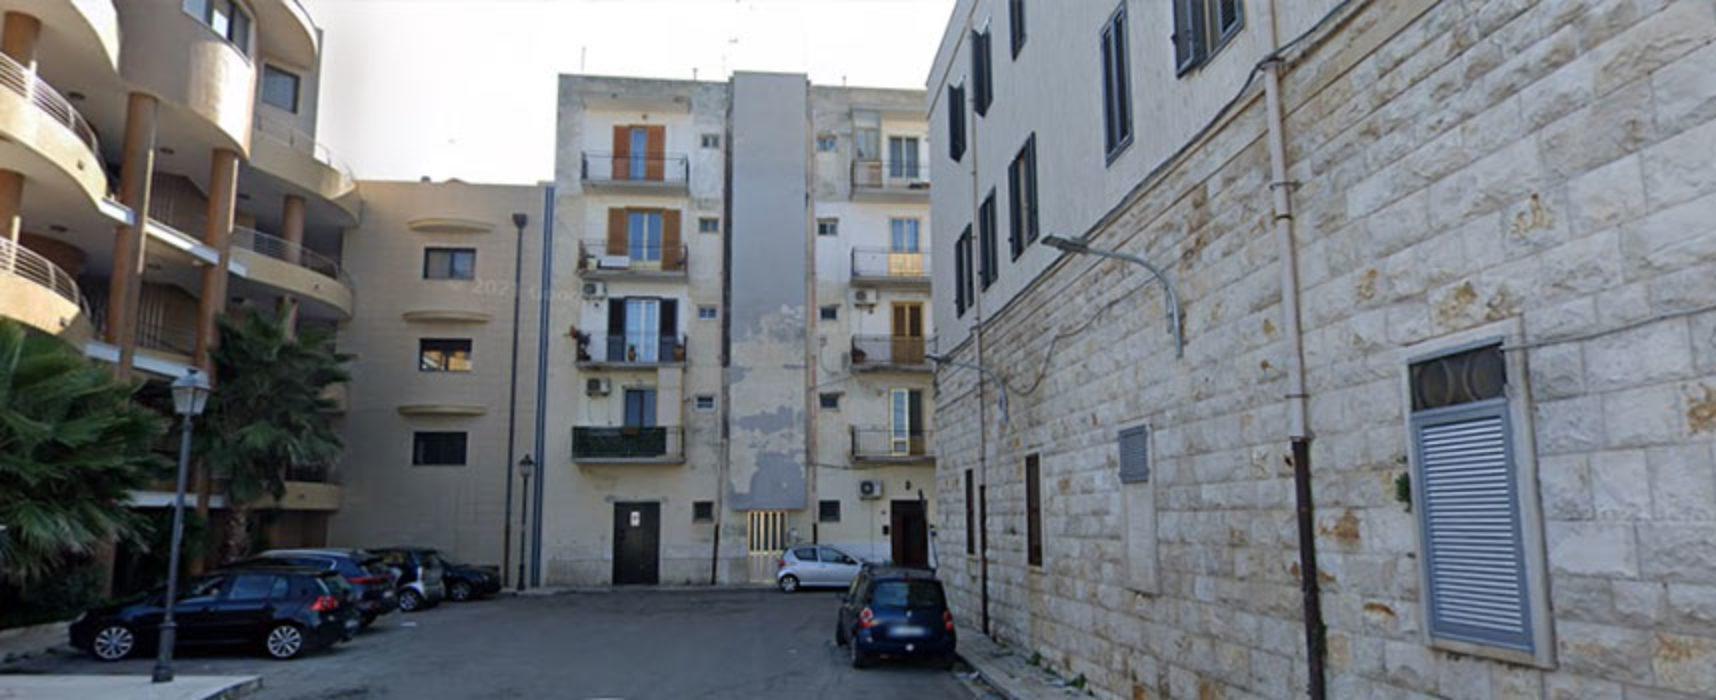 Due ordinanze dirigenziali di sgombero per alloggi comunali in via Taranto